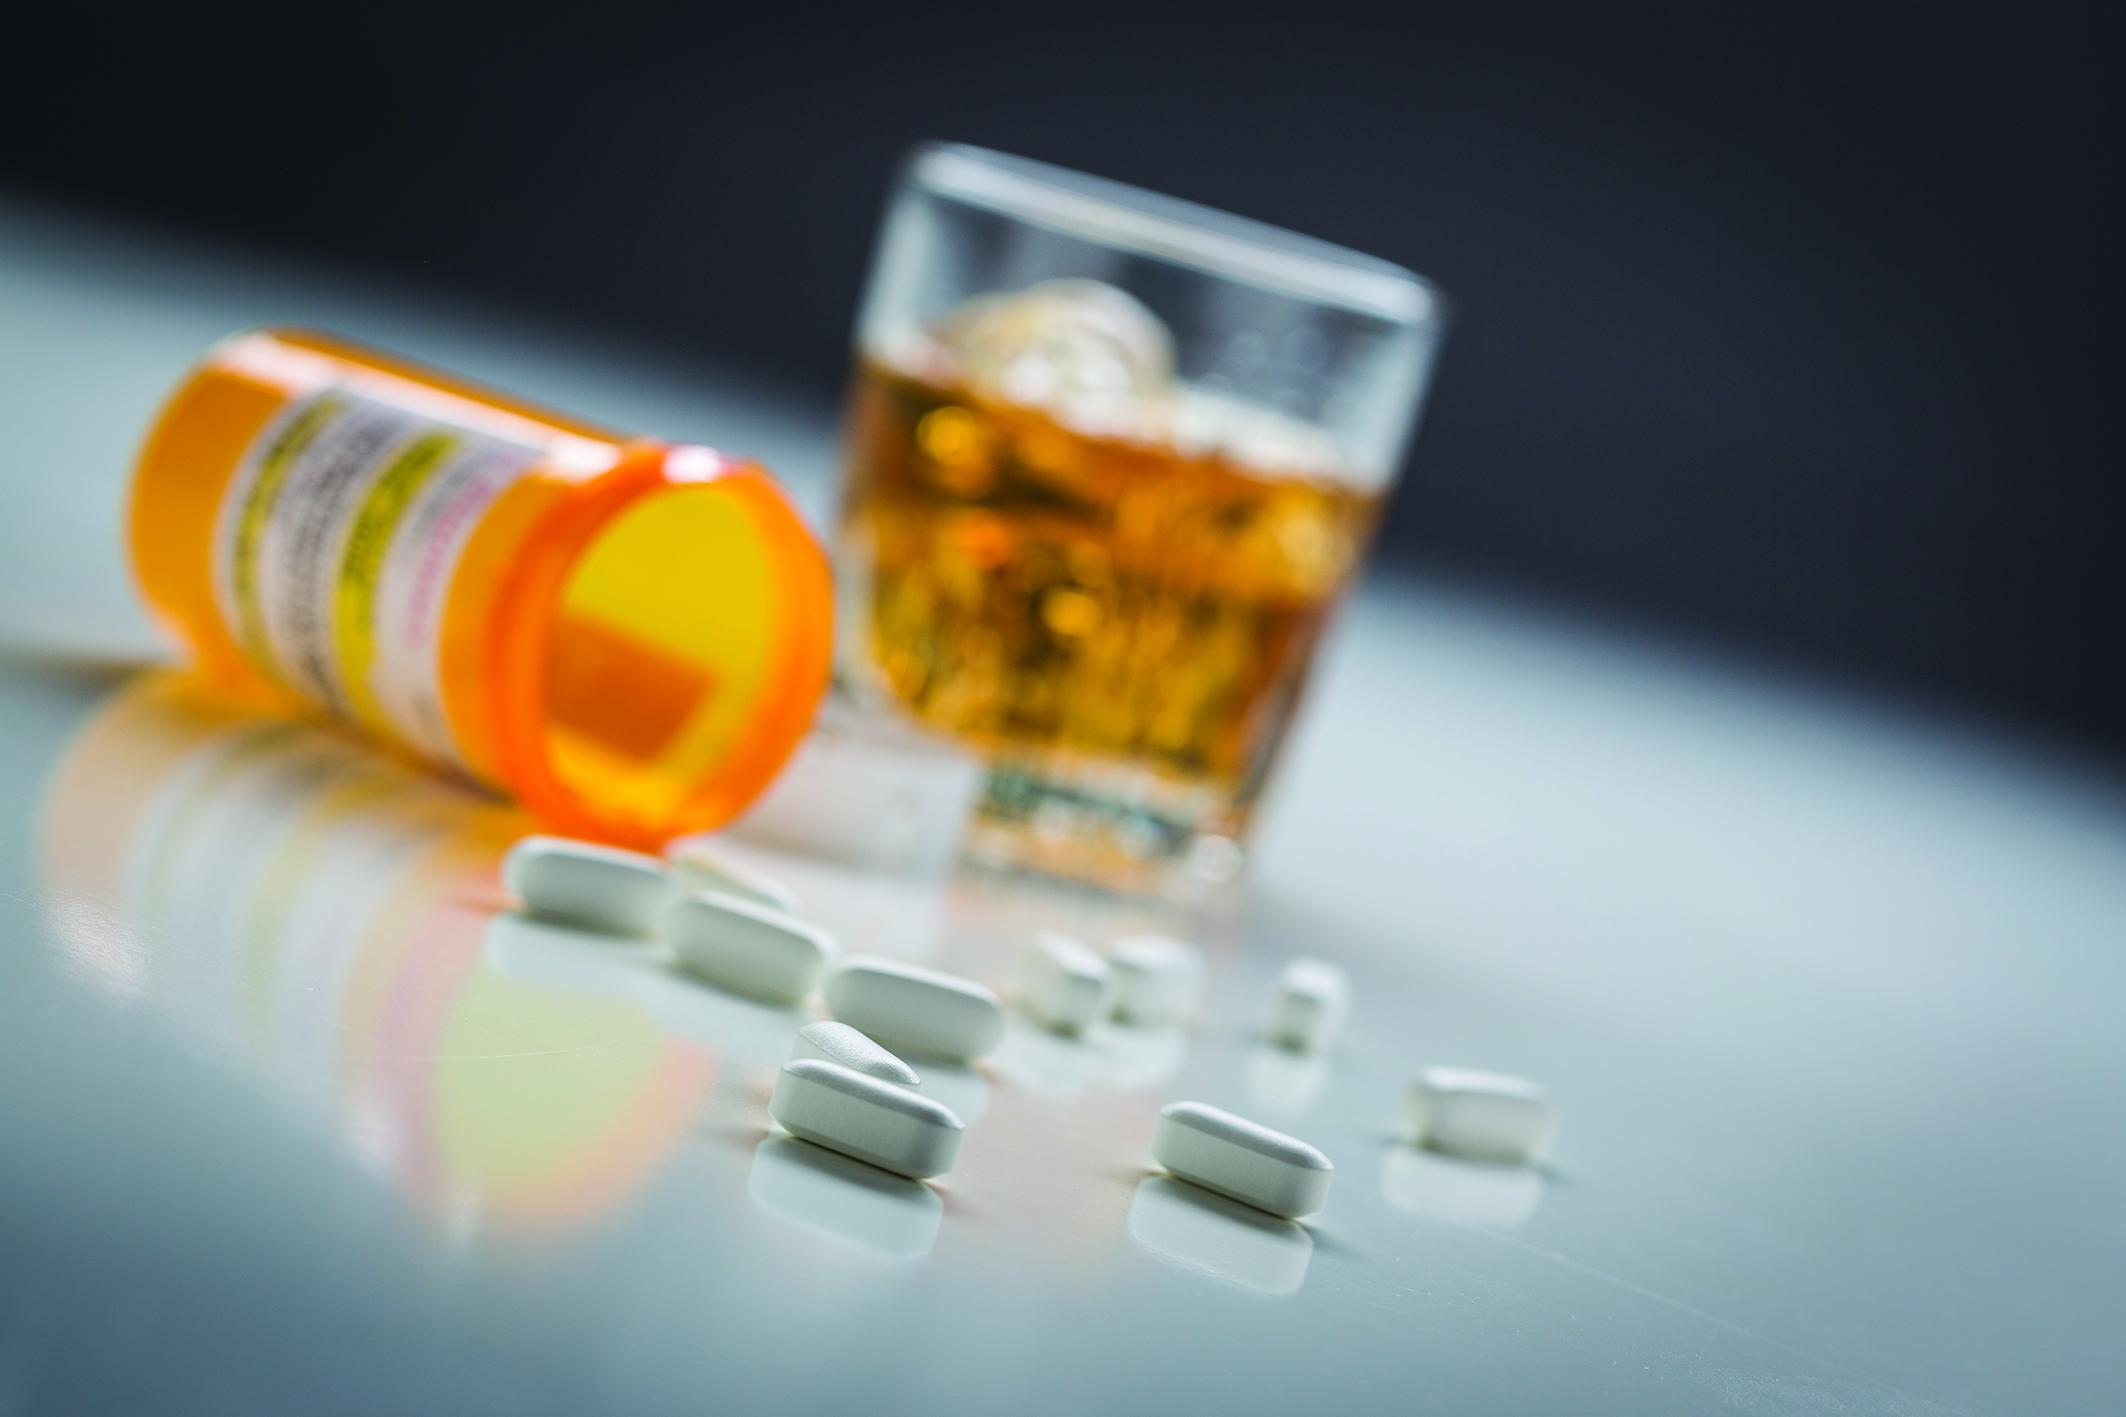 hogyan lehet meghosszabbítani az erekciót gyógyszer nélkül)